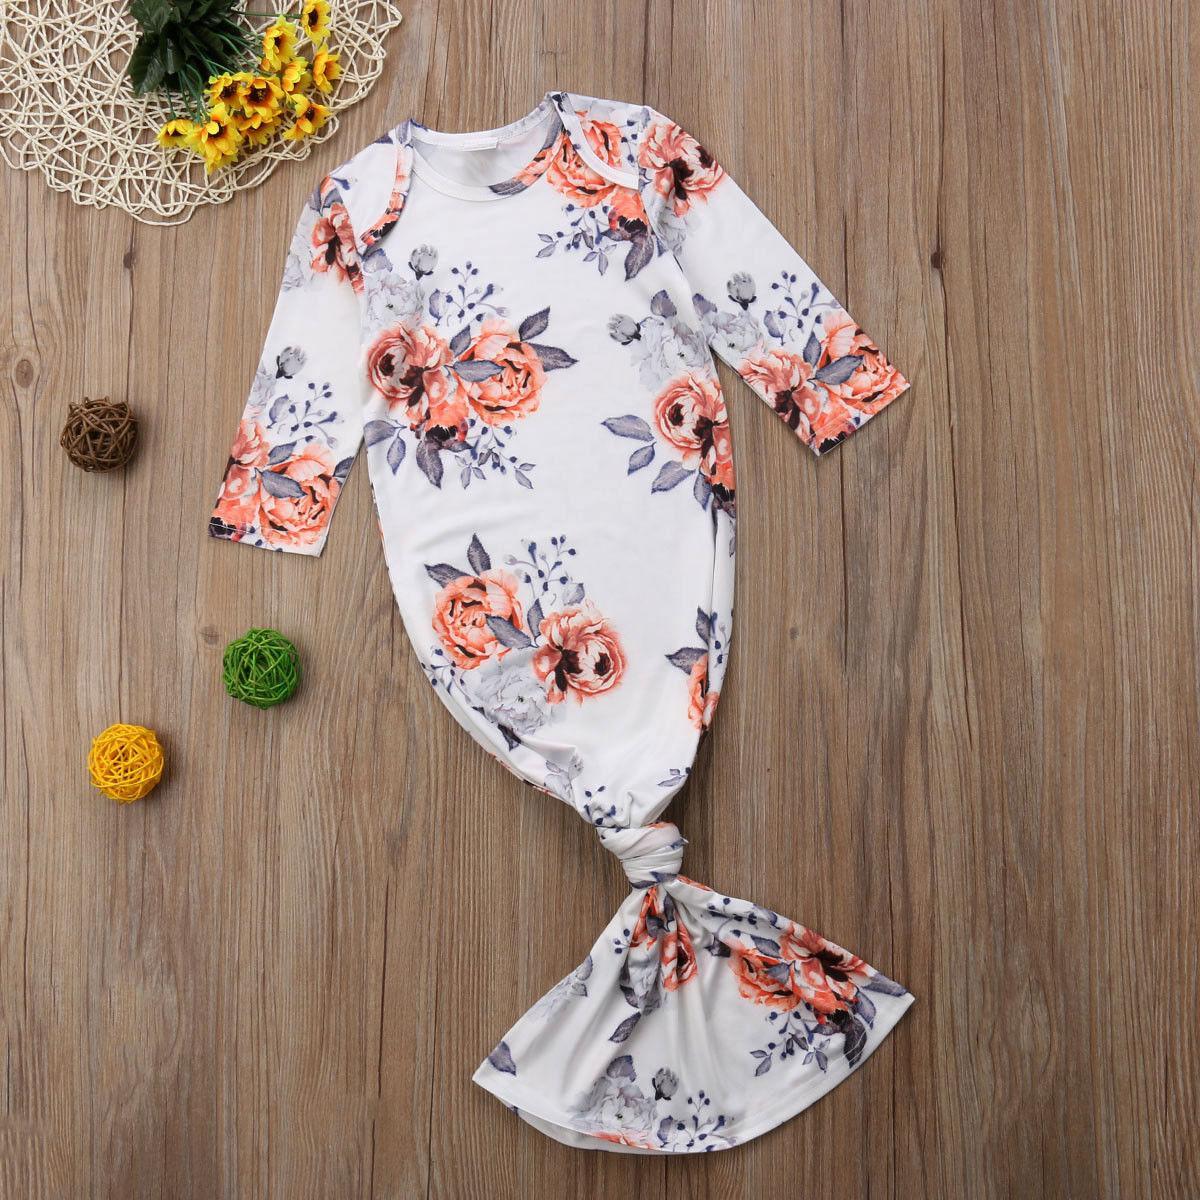 Recém-nascido Floral Bebés Meninas Pijamas Robe manga comprida do sono Saco de roupa